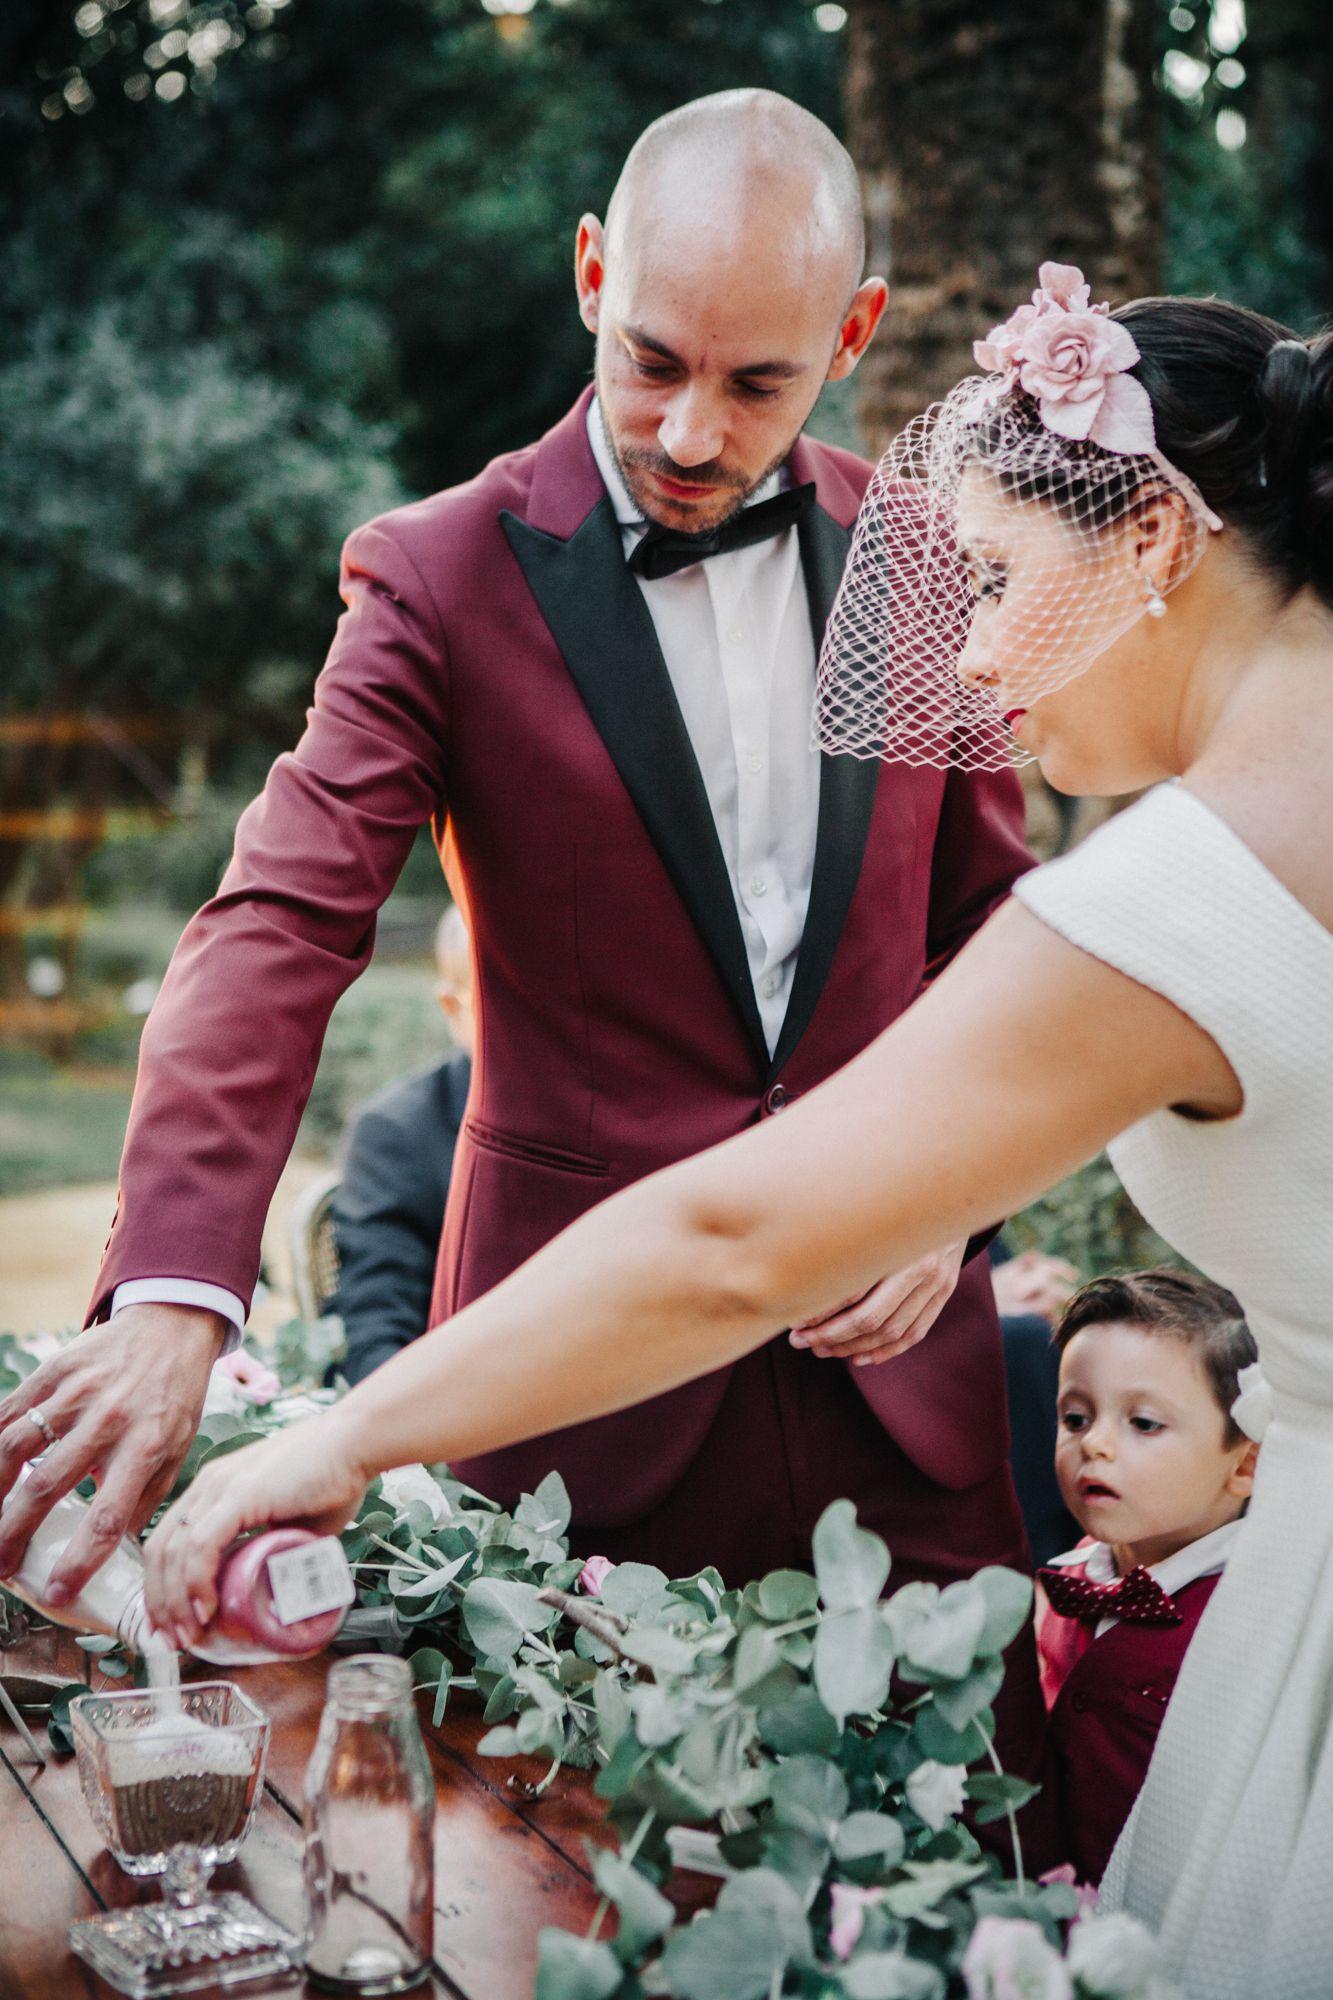 La boda de Amanda y Jorge en Villa Luisa 31